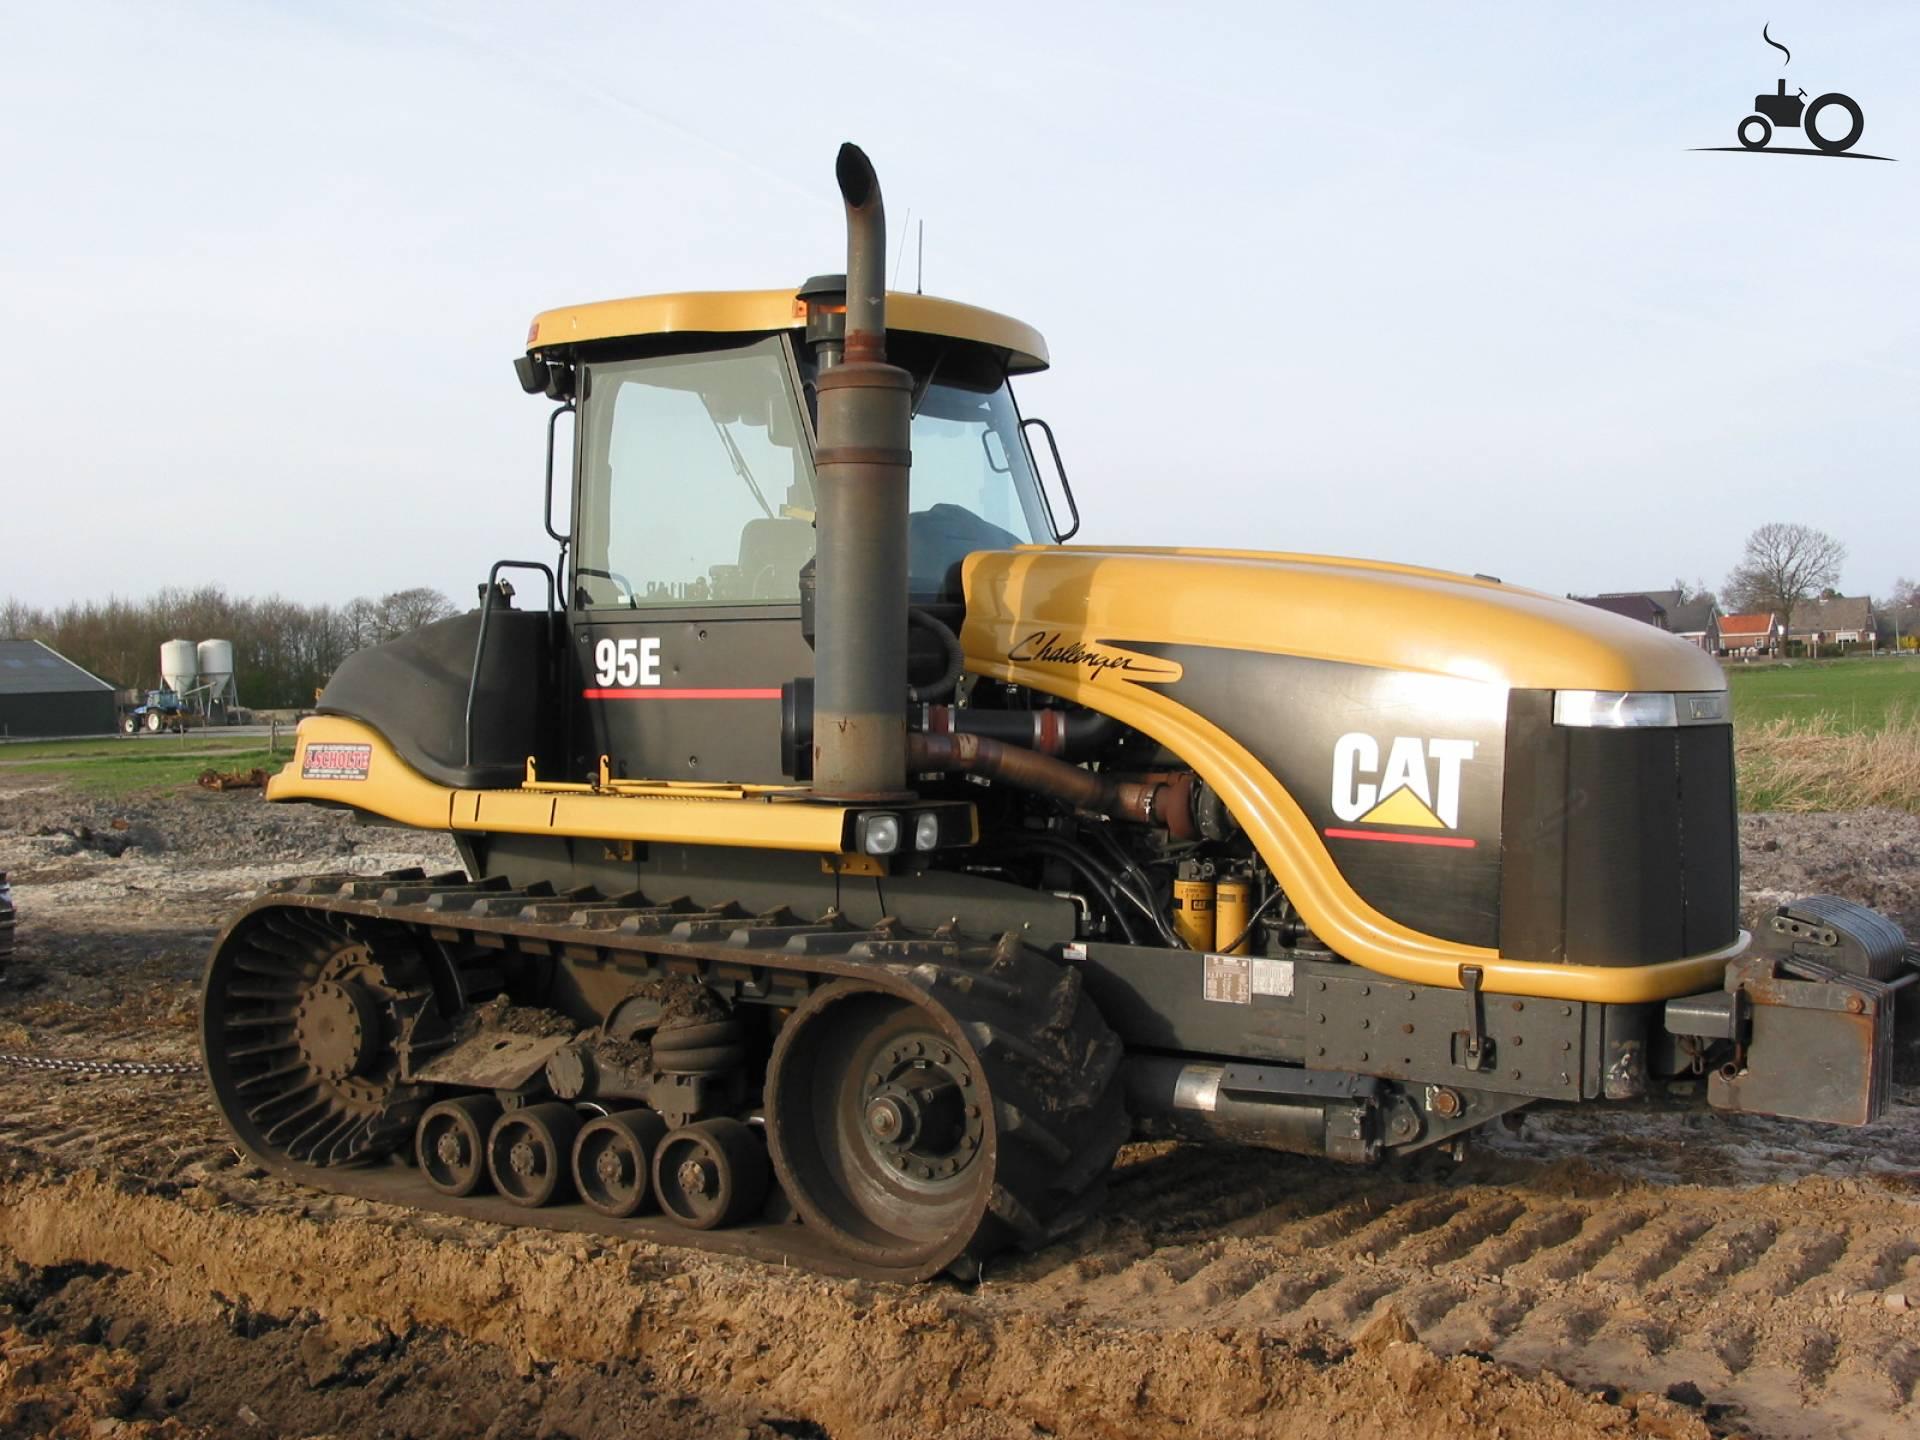 822904-challenger-95e-cat.jpg